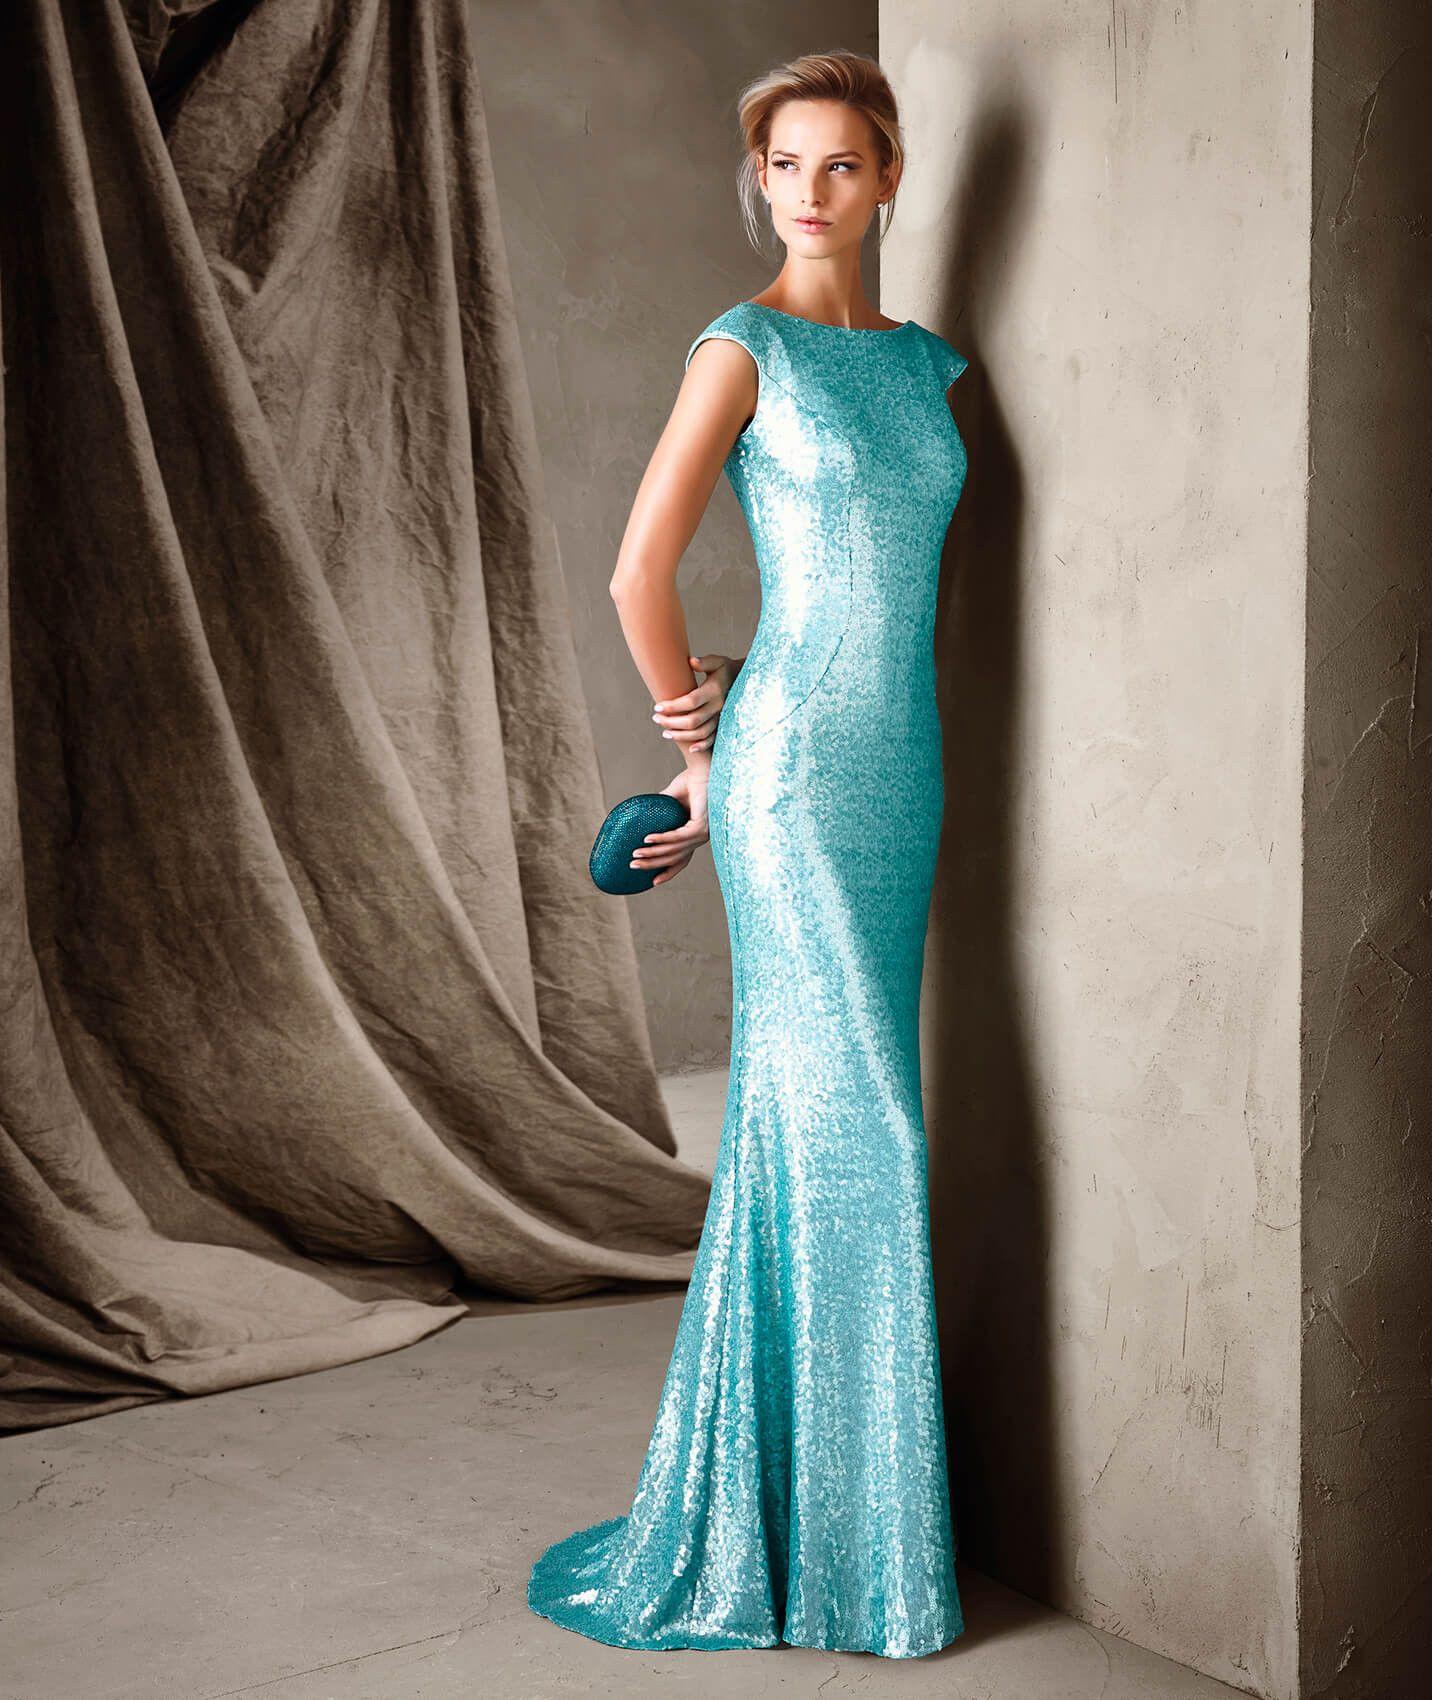 CIELO - Vestidos de fiesta con estilo sirena Pronovias | vestidos ...